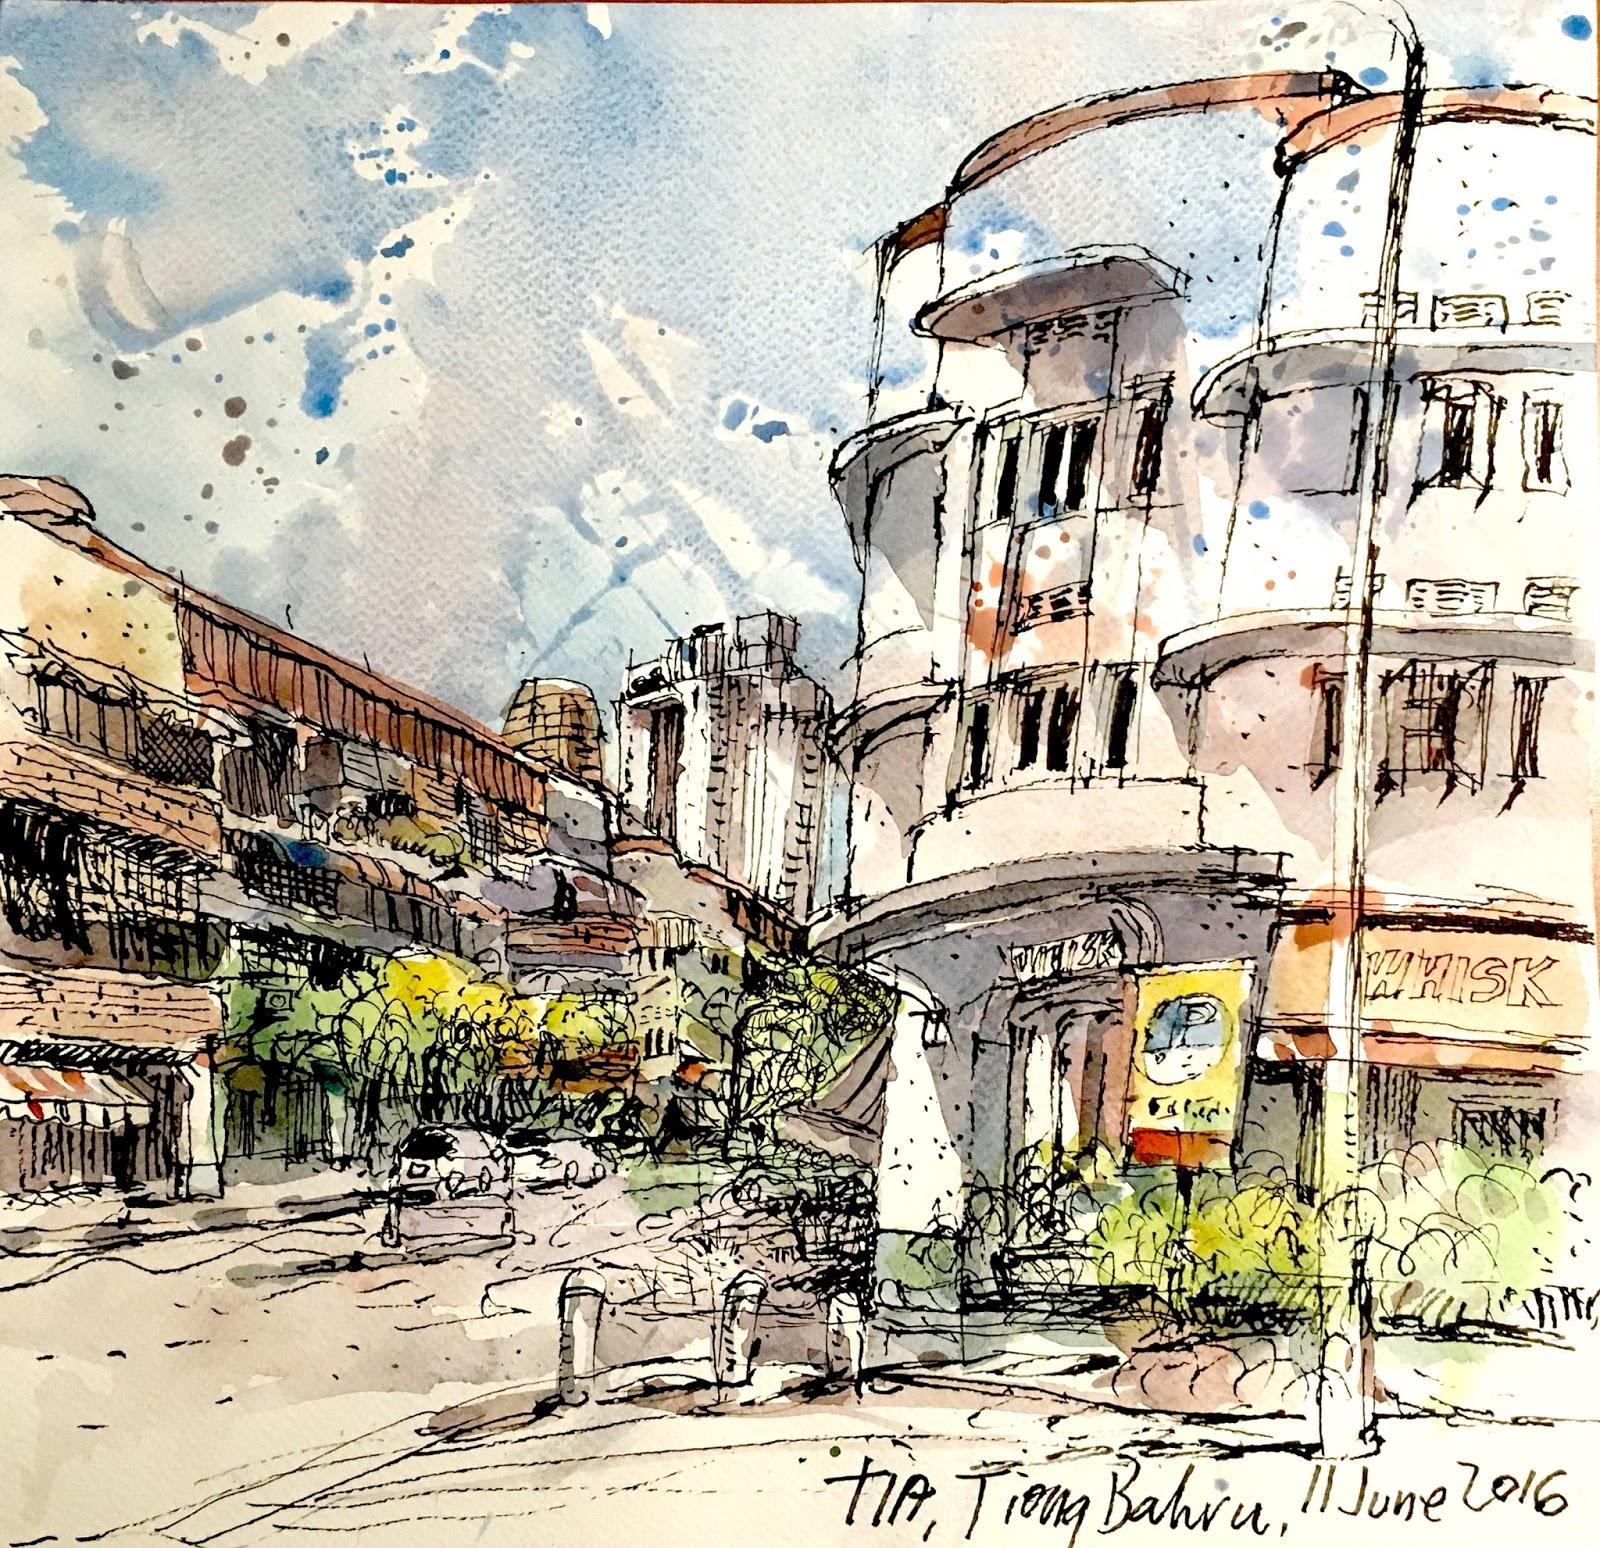 Sketch at the same spot again at tiong bahru